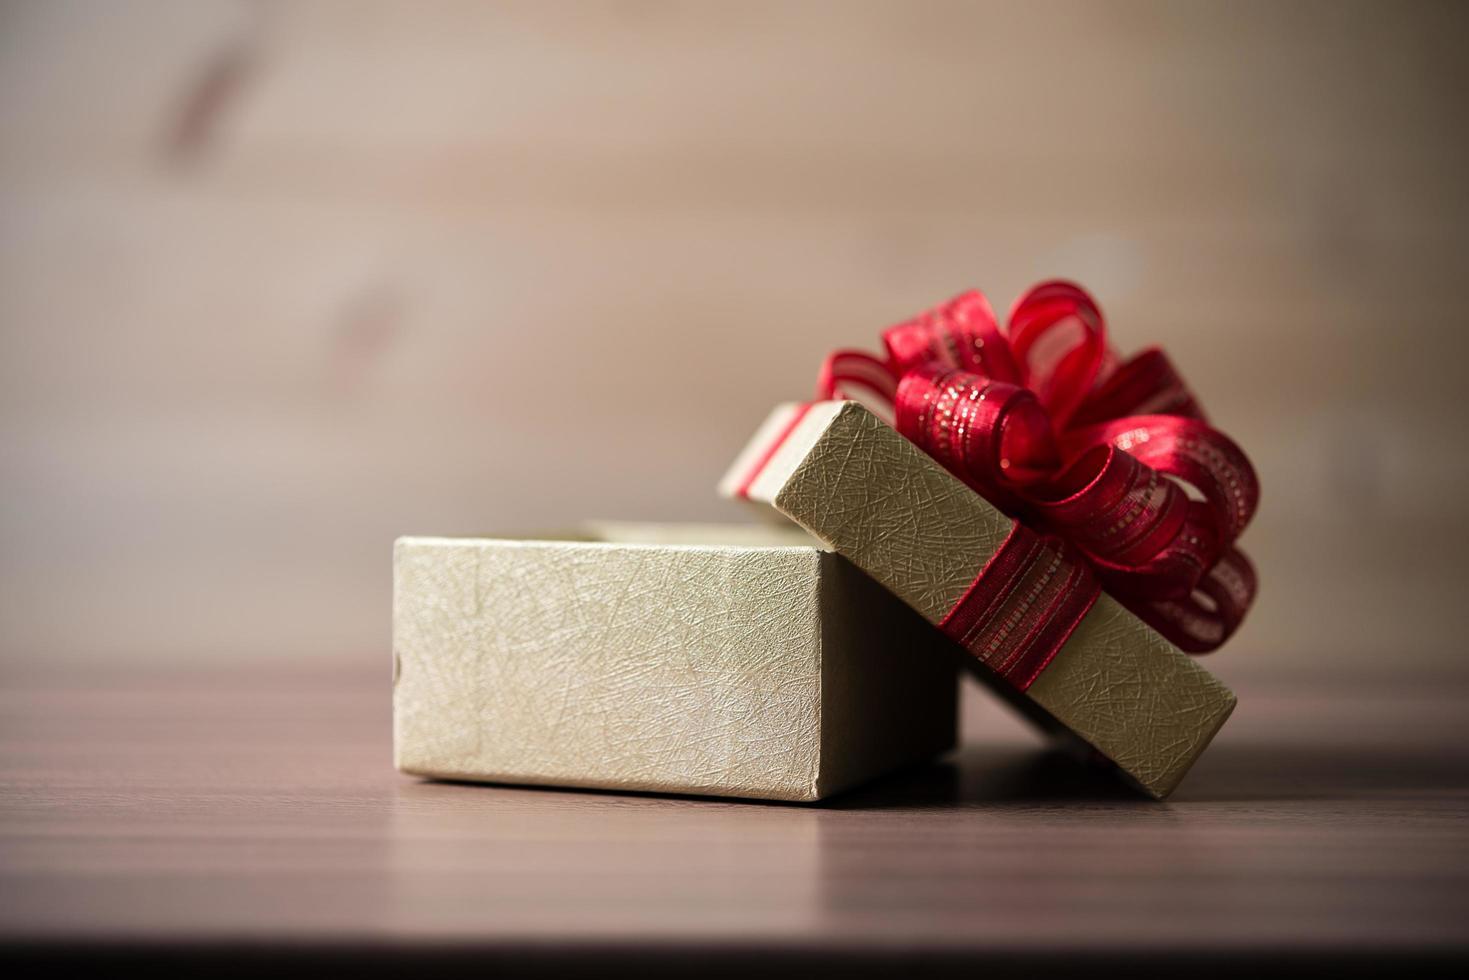 pequeña caja de regalo sobre fondo de madera foto